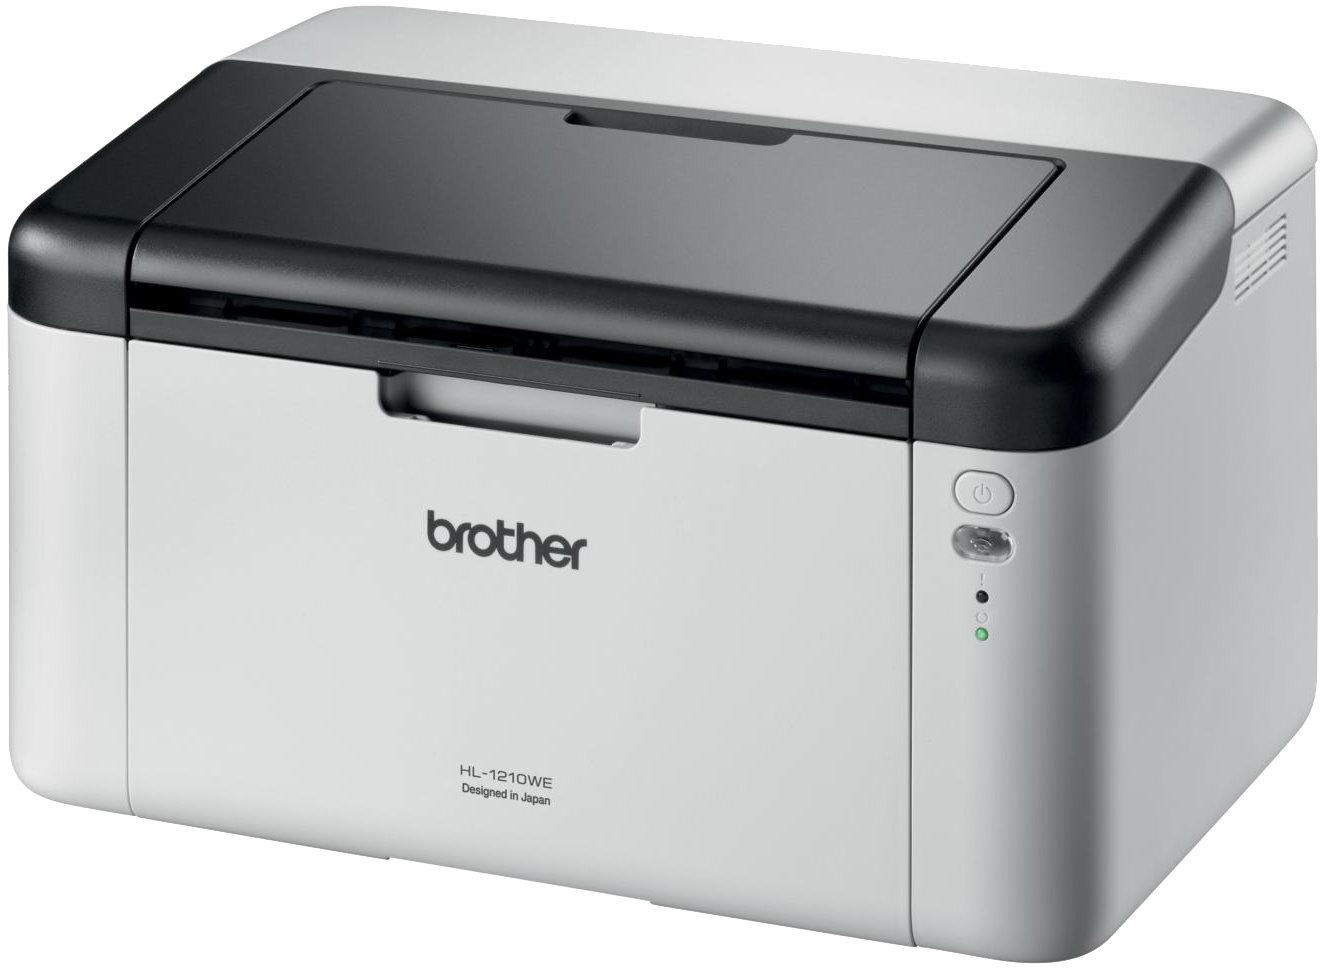 Brother HL-1210WE (20str.,HQ-1200dpi, 1MB, GDI, USB 2.0) + WiFi